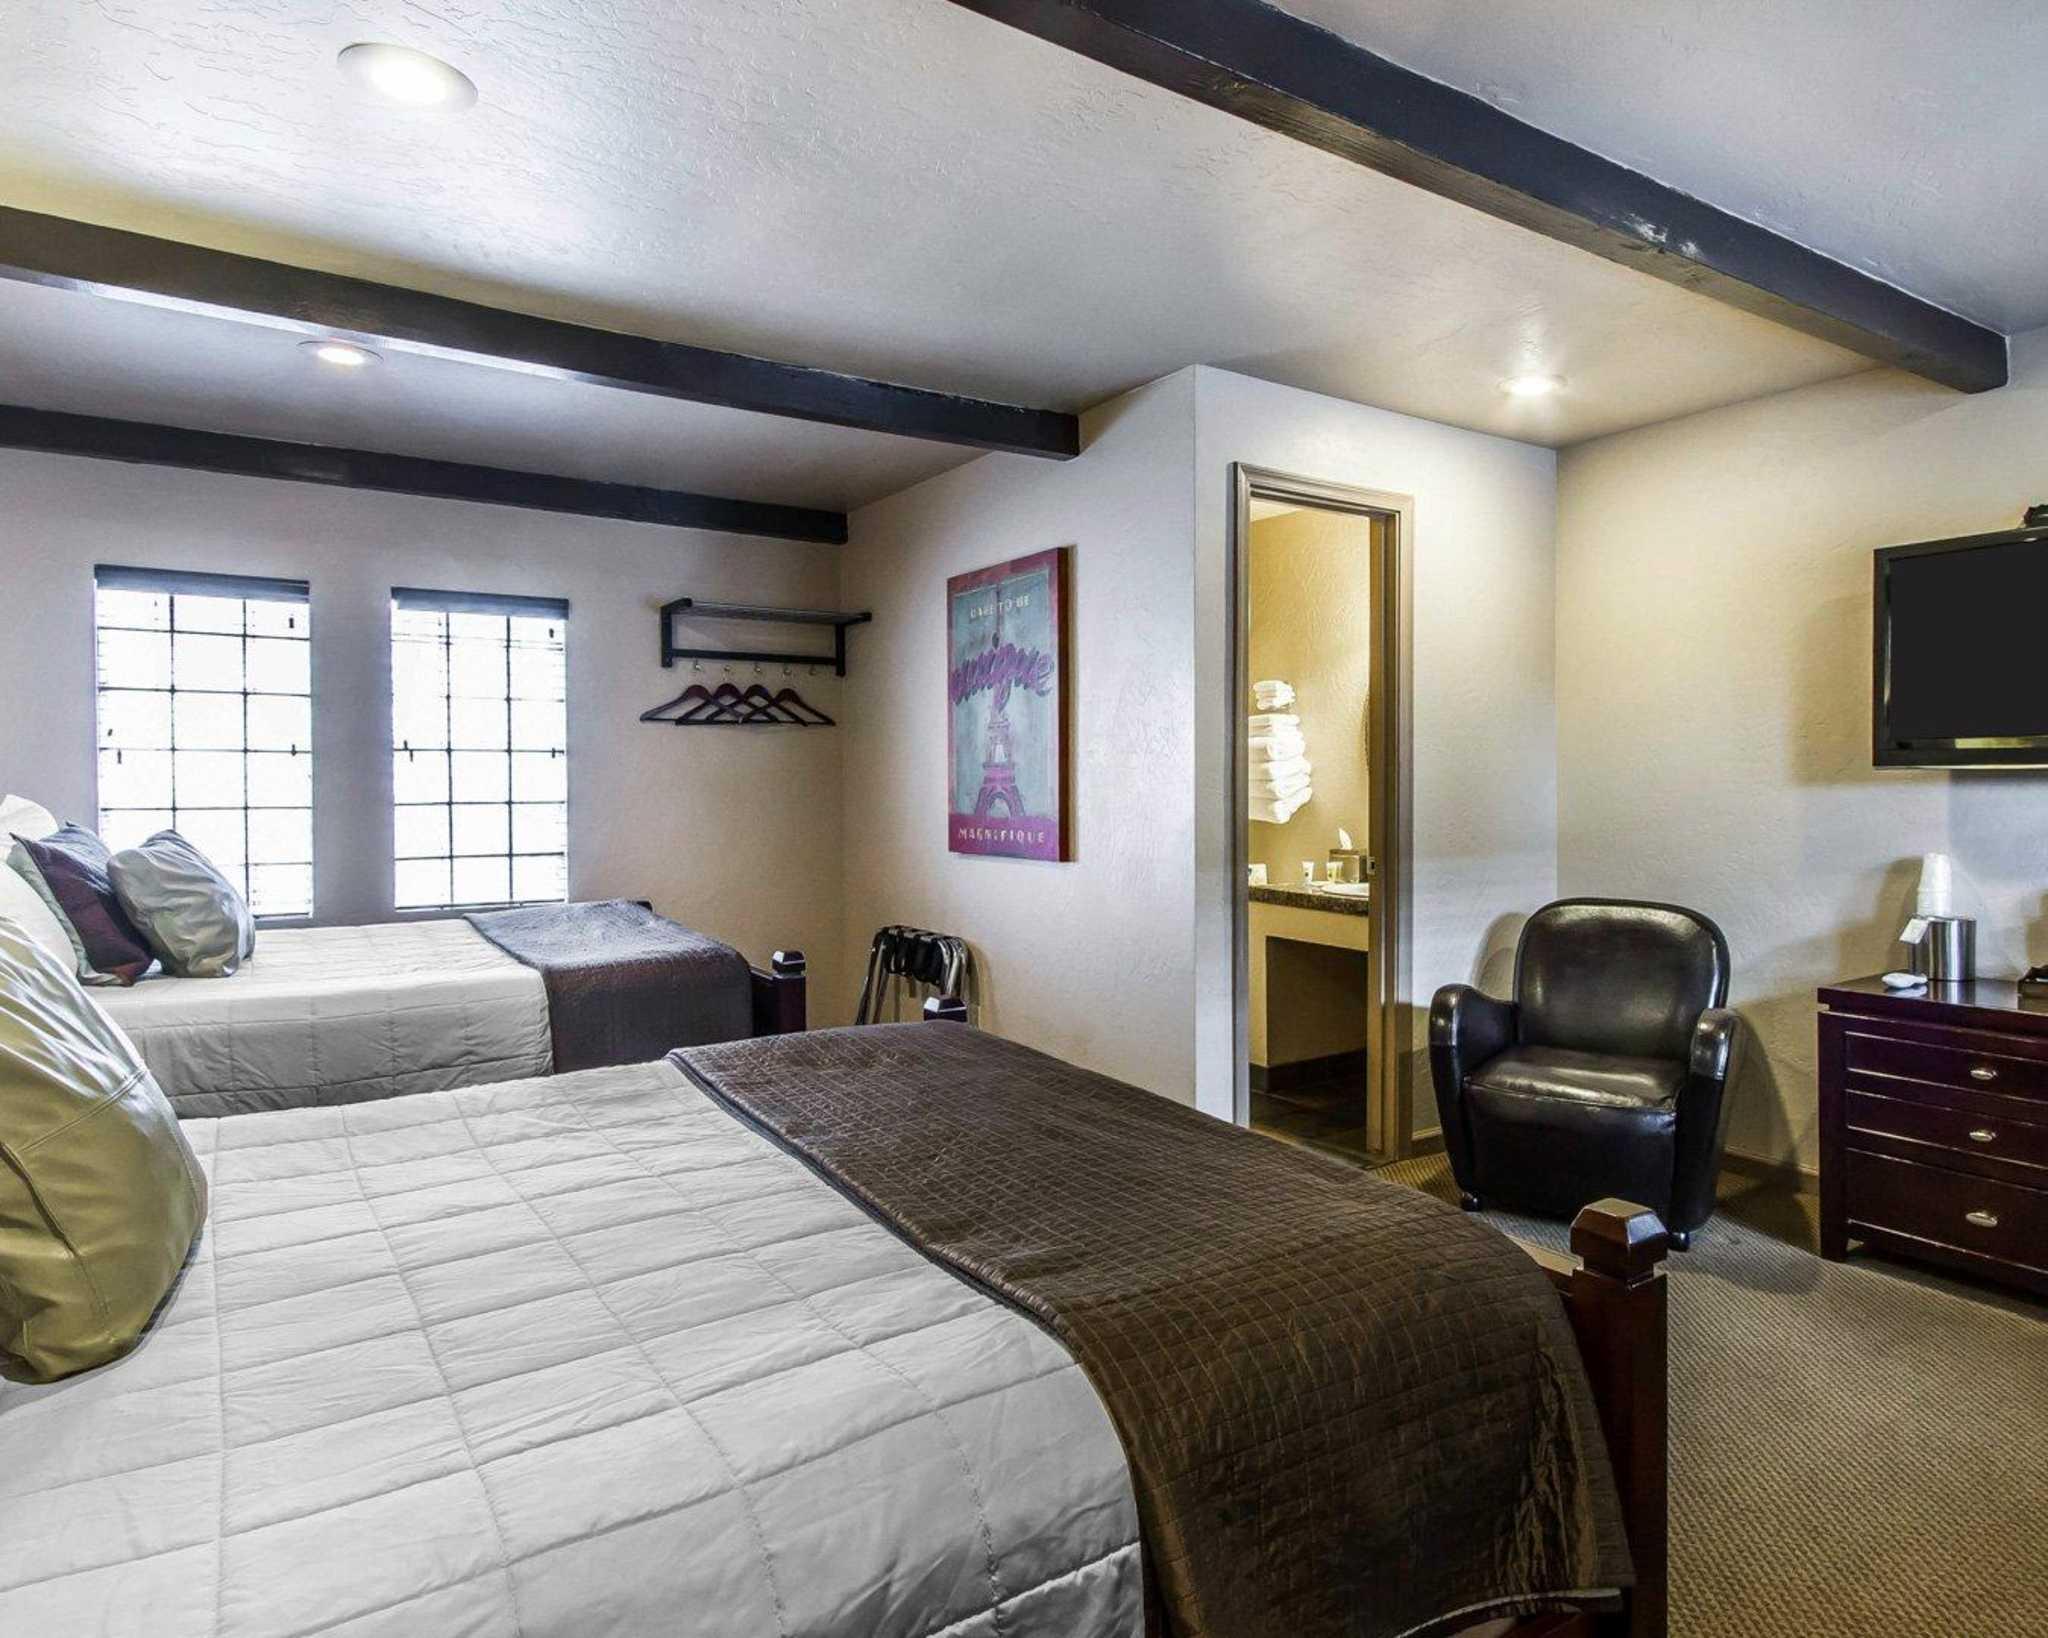 Rodeway Inn & Suites Downtowner-Rte 66 image 8